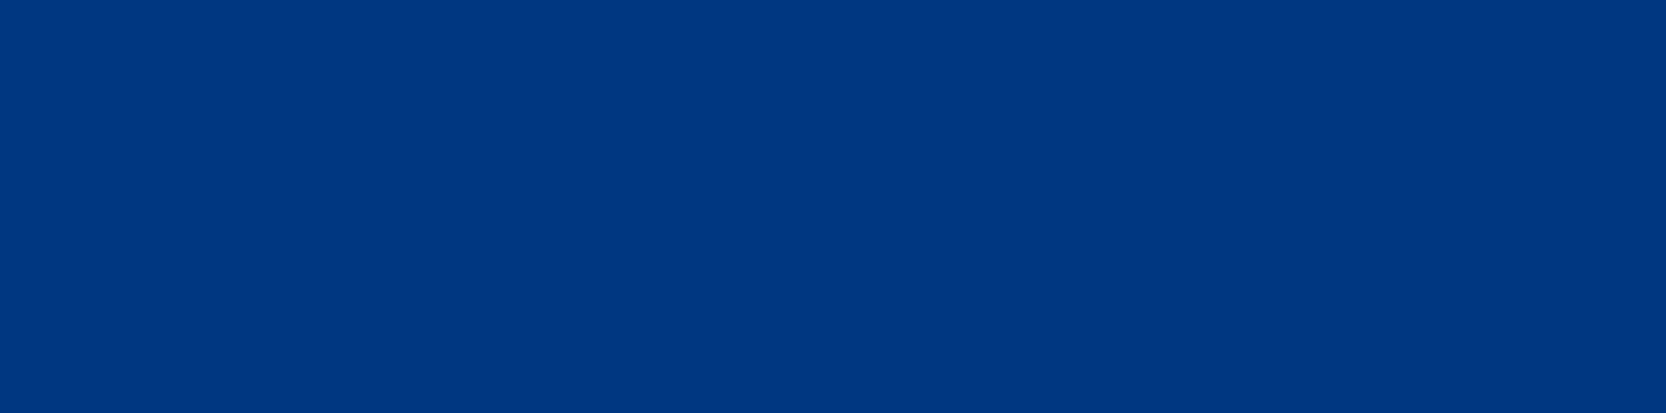 az-logo-positive-rgb